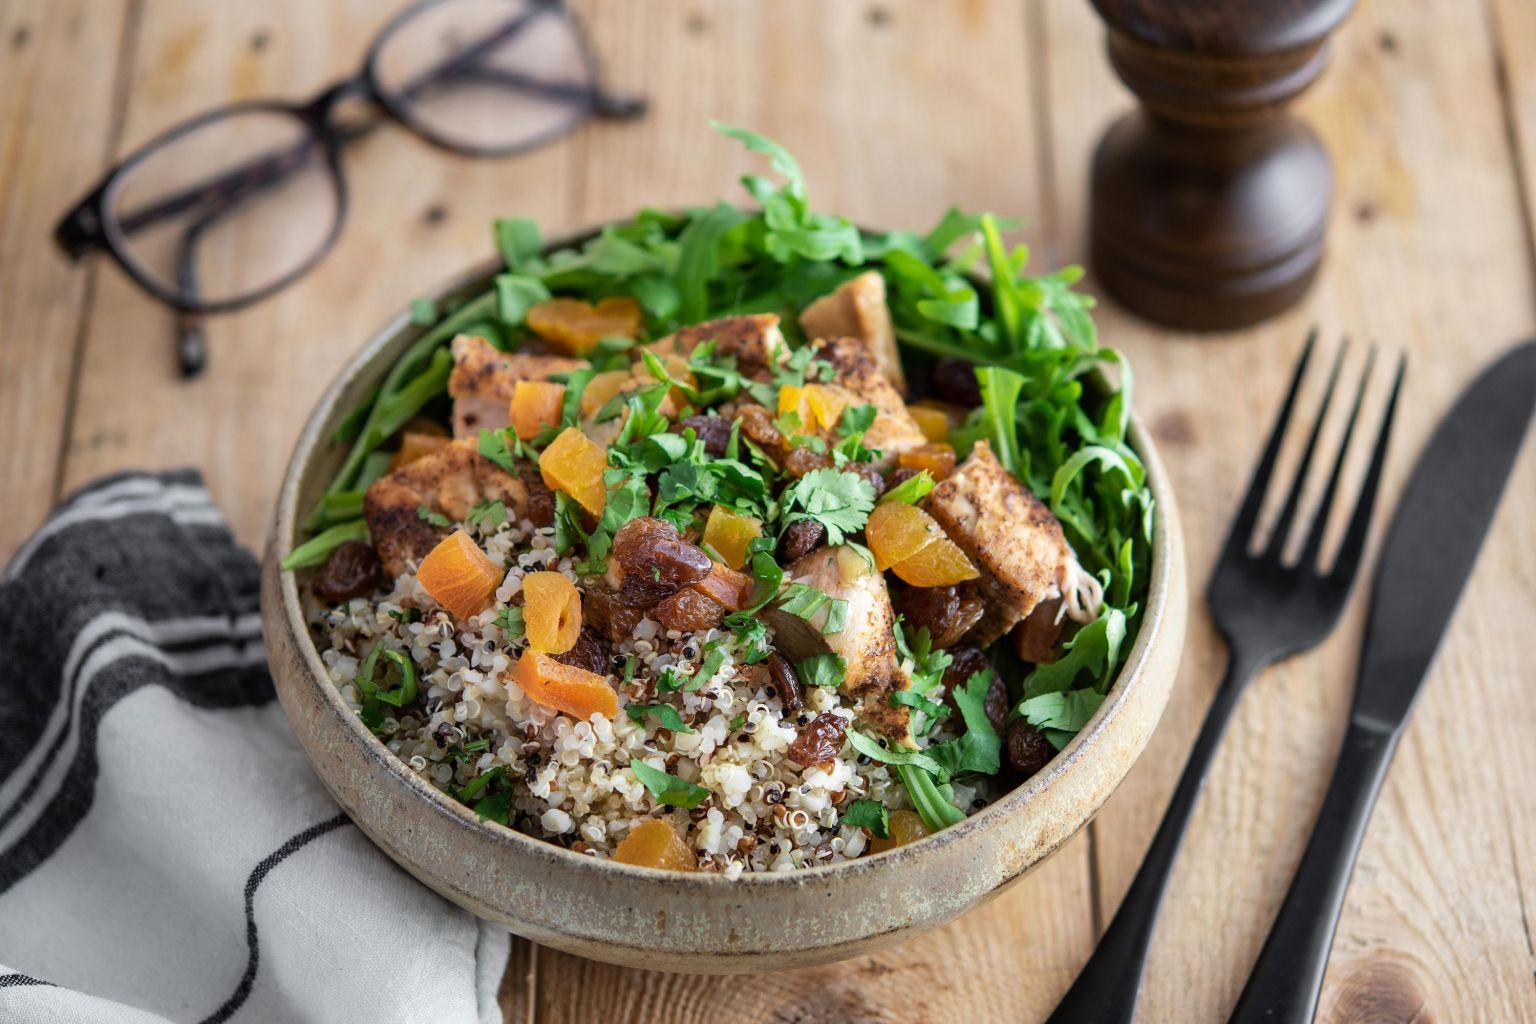 Salade de poulet mariné aux épices, boulgour, quinoa rouge, fruits secs